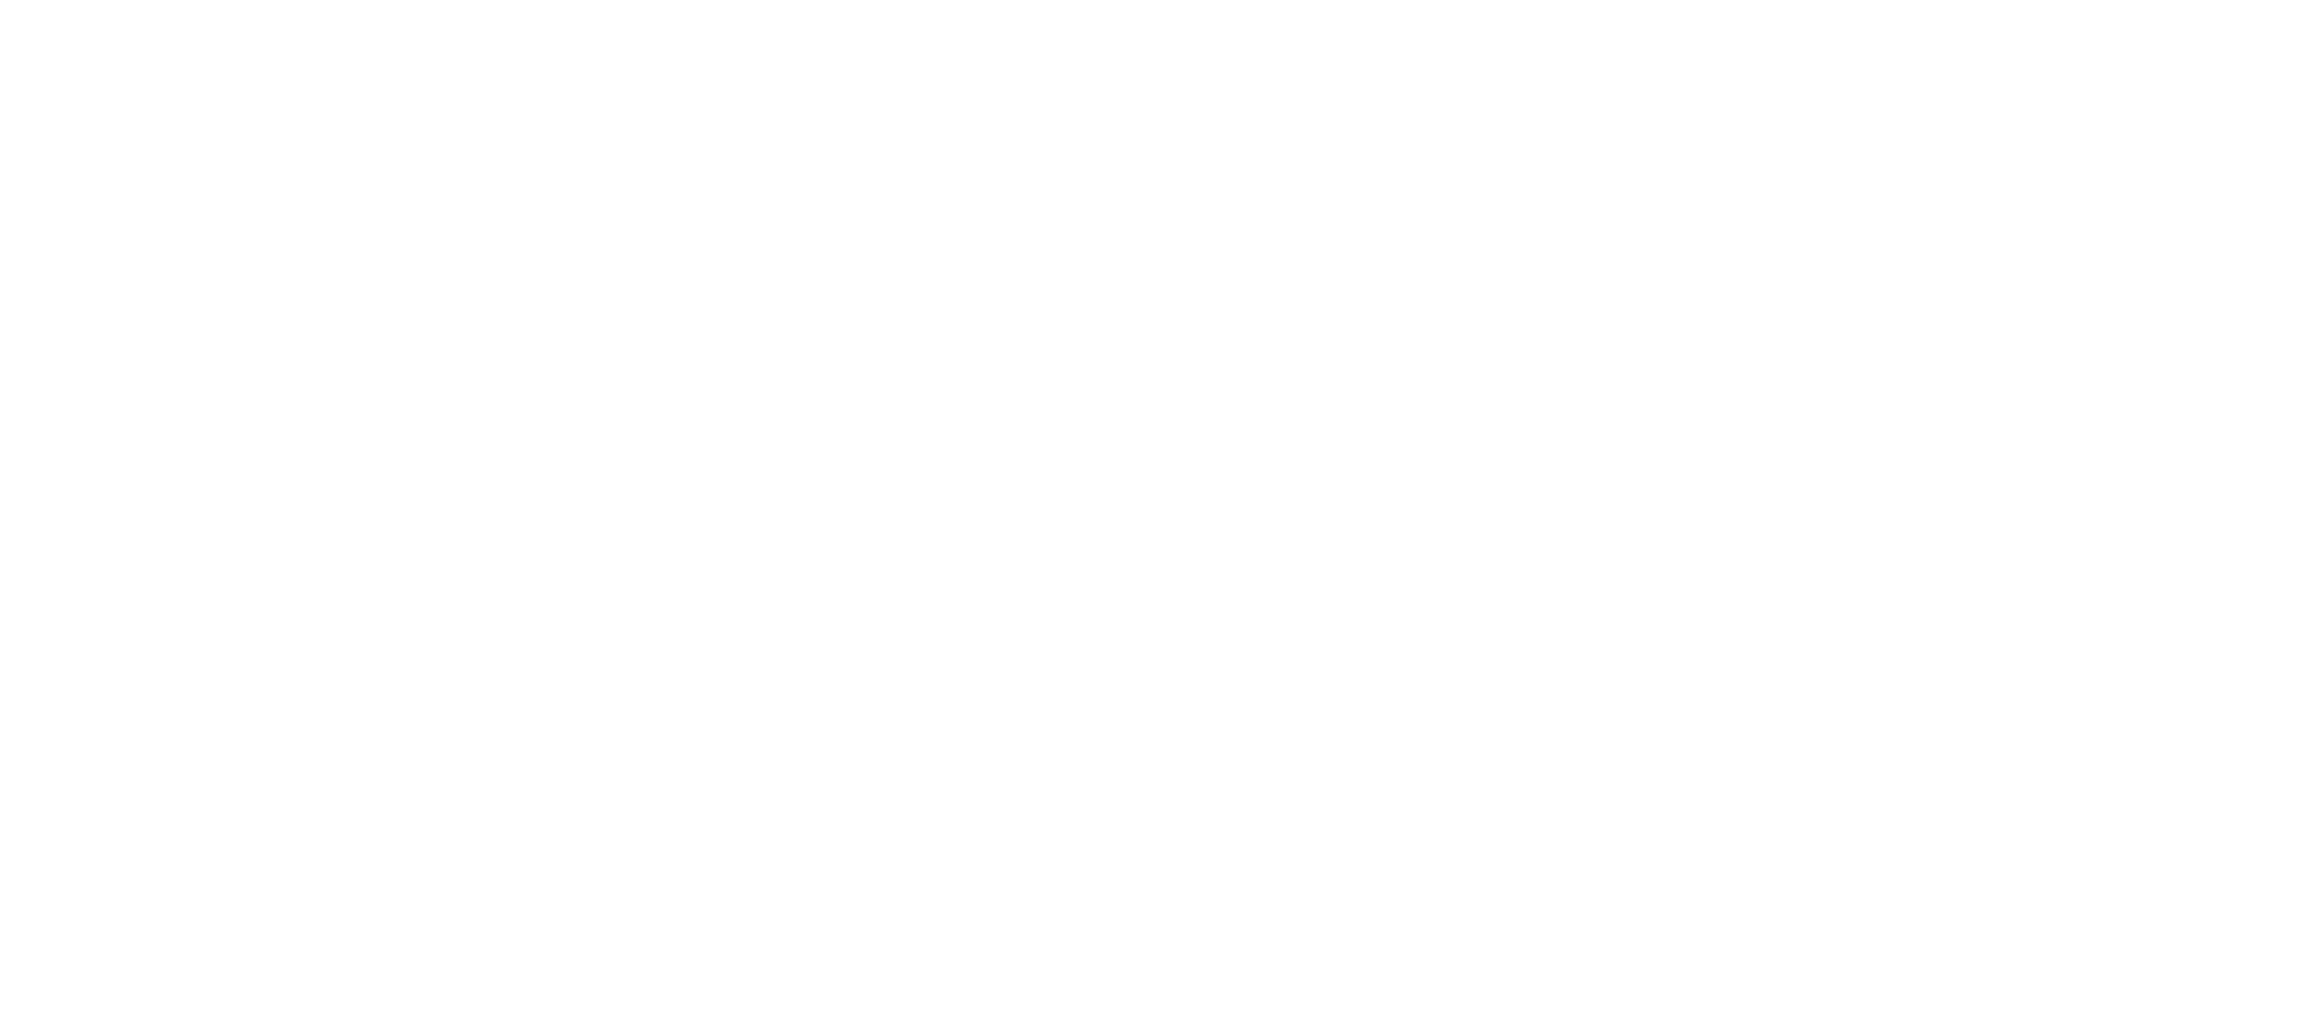 AshFiMon Horizontal White Logo